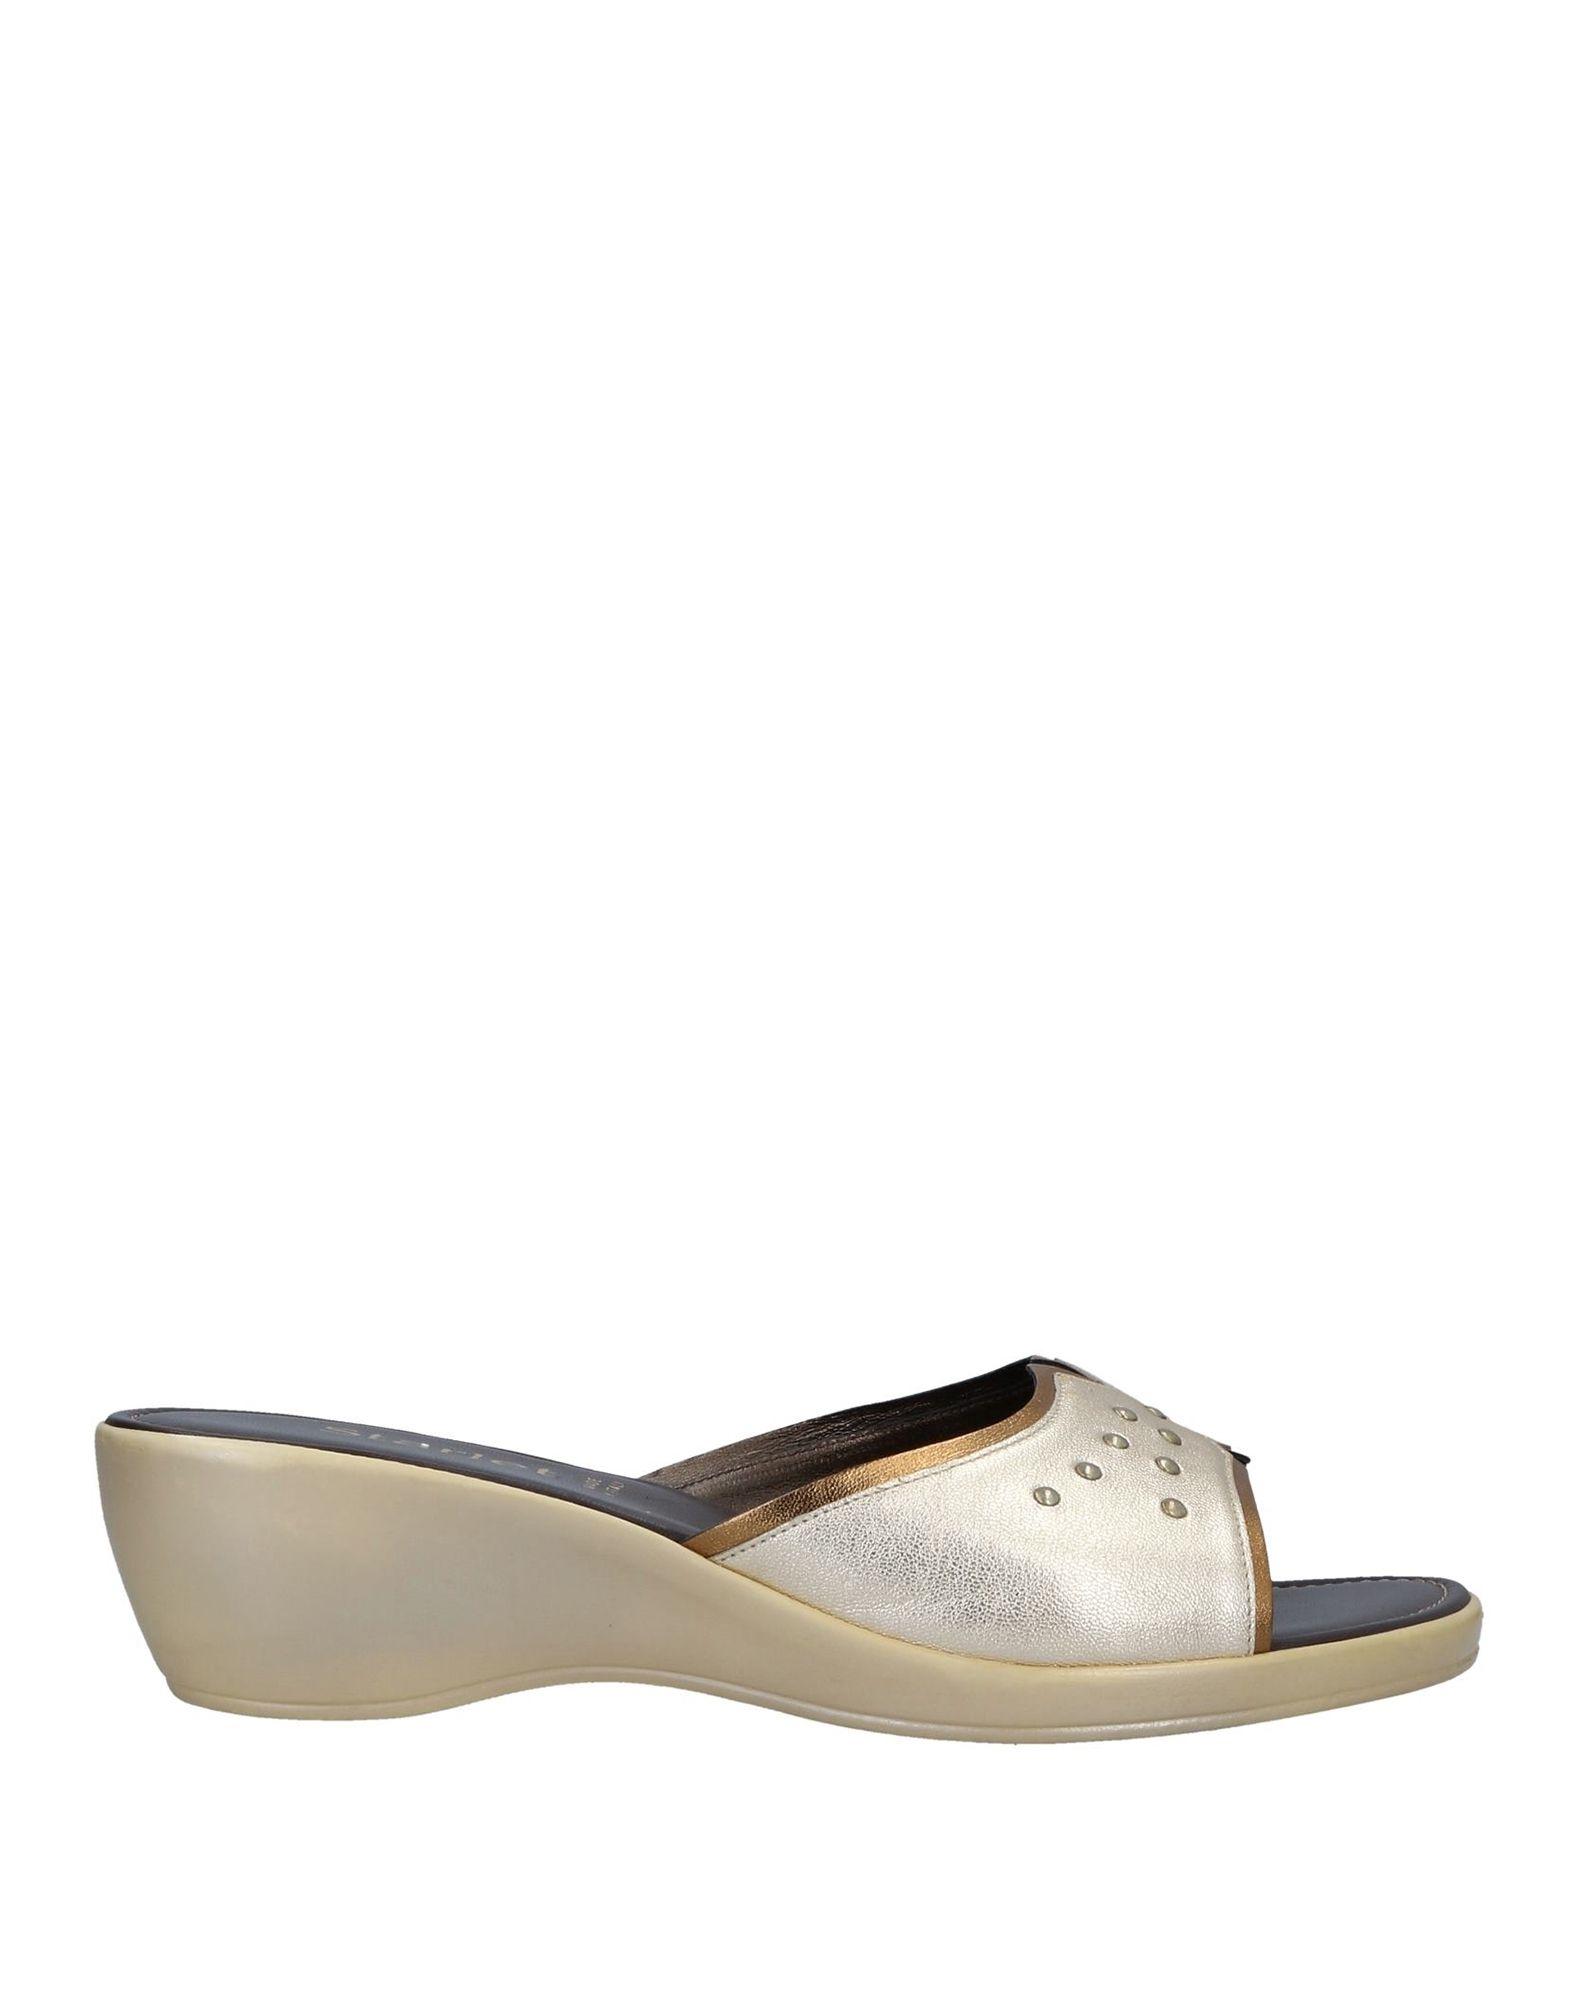 Sandali Starlet Donna - 11533168GS Scarpe economiche e buone